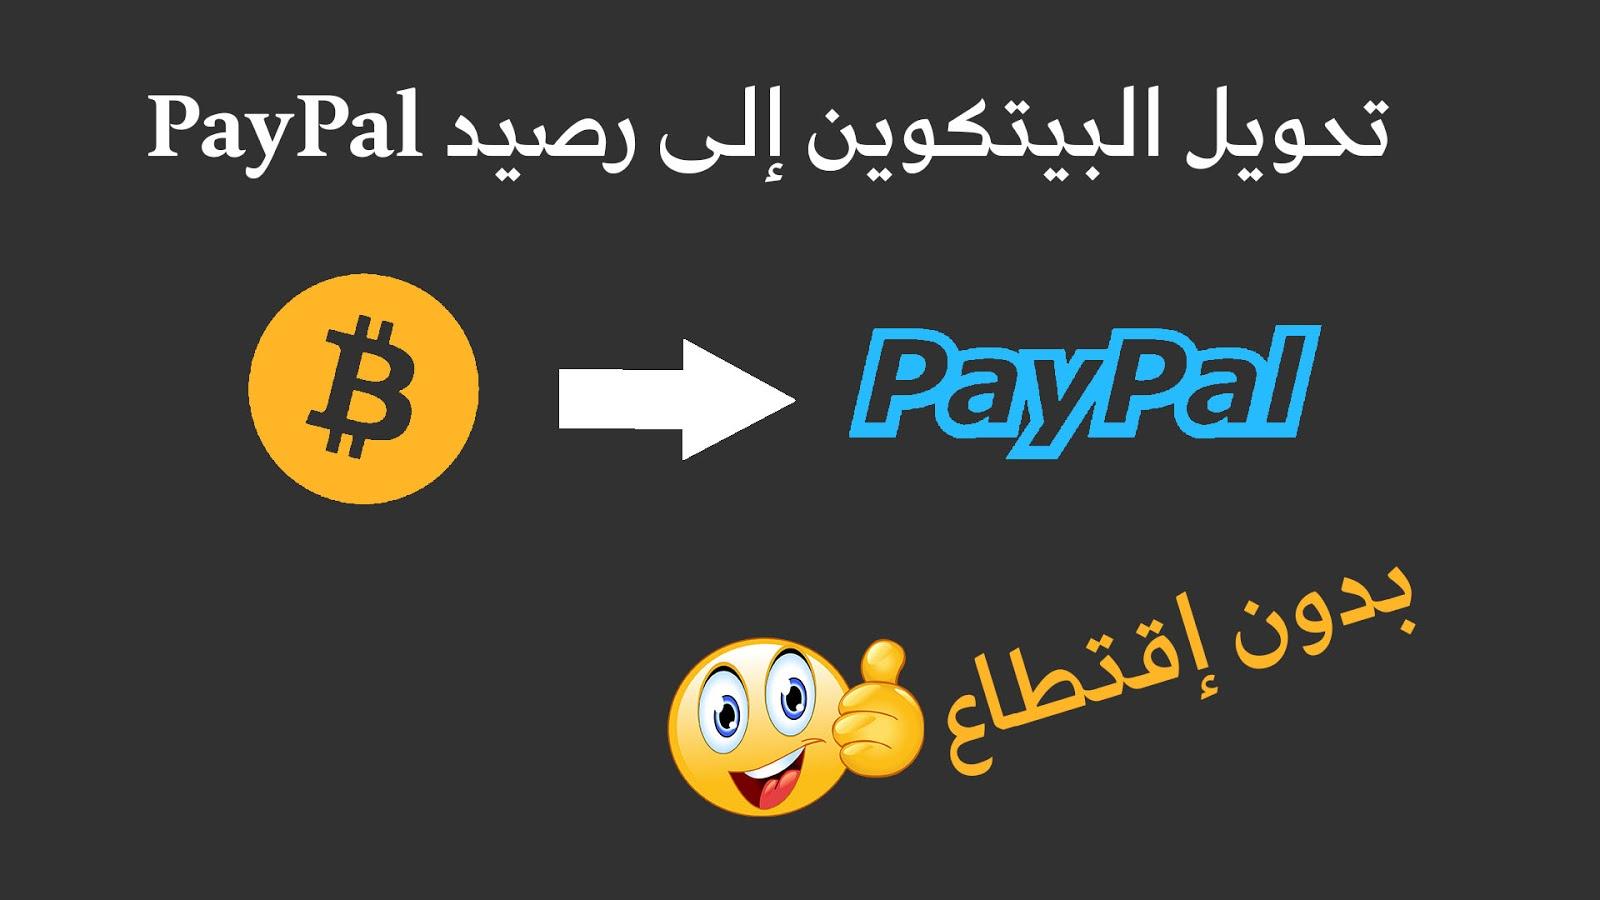 meg tudod konvertálni a bitcoint a paypalba